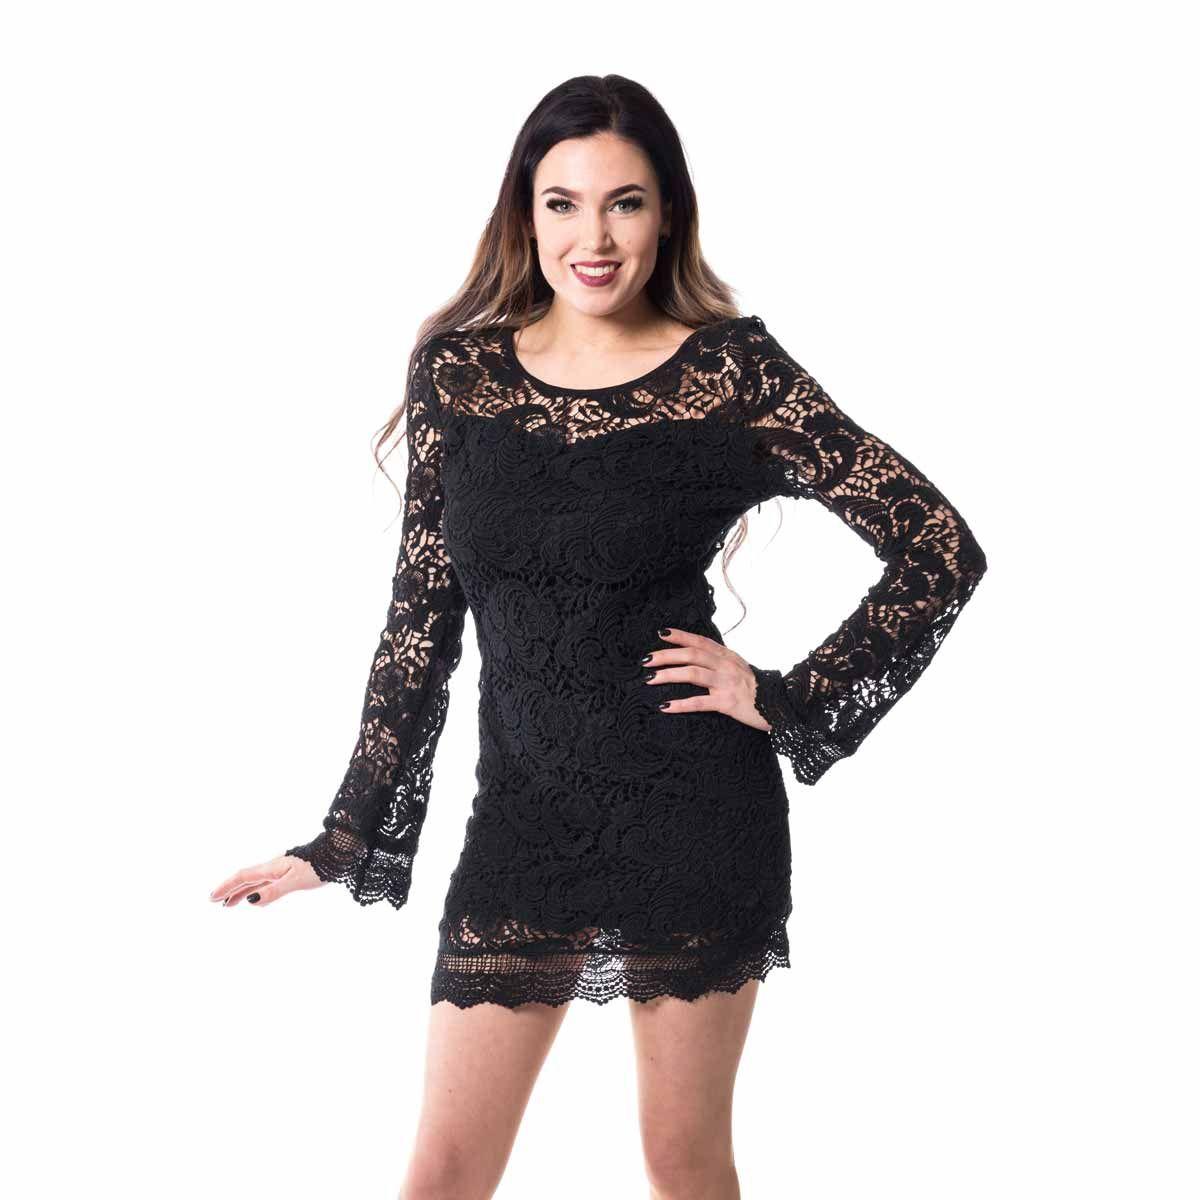 schwarzes minikleid mit häkelspitze und weitem Ärmeln